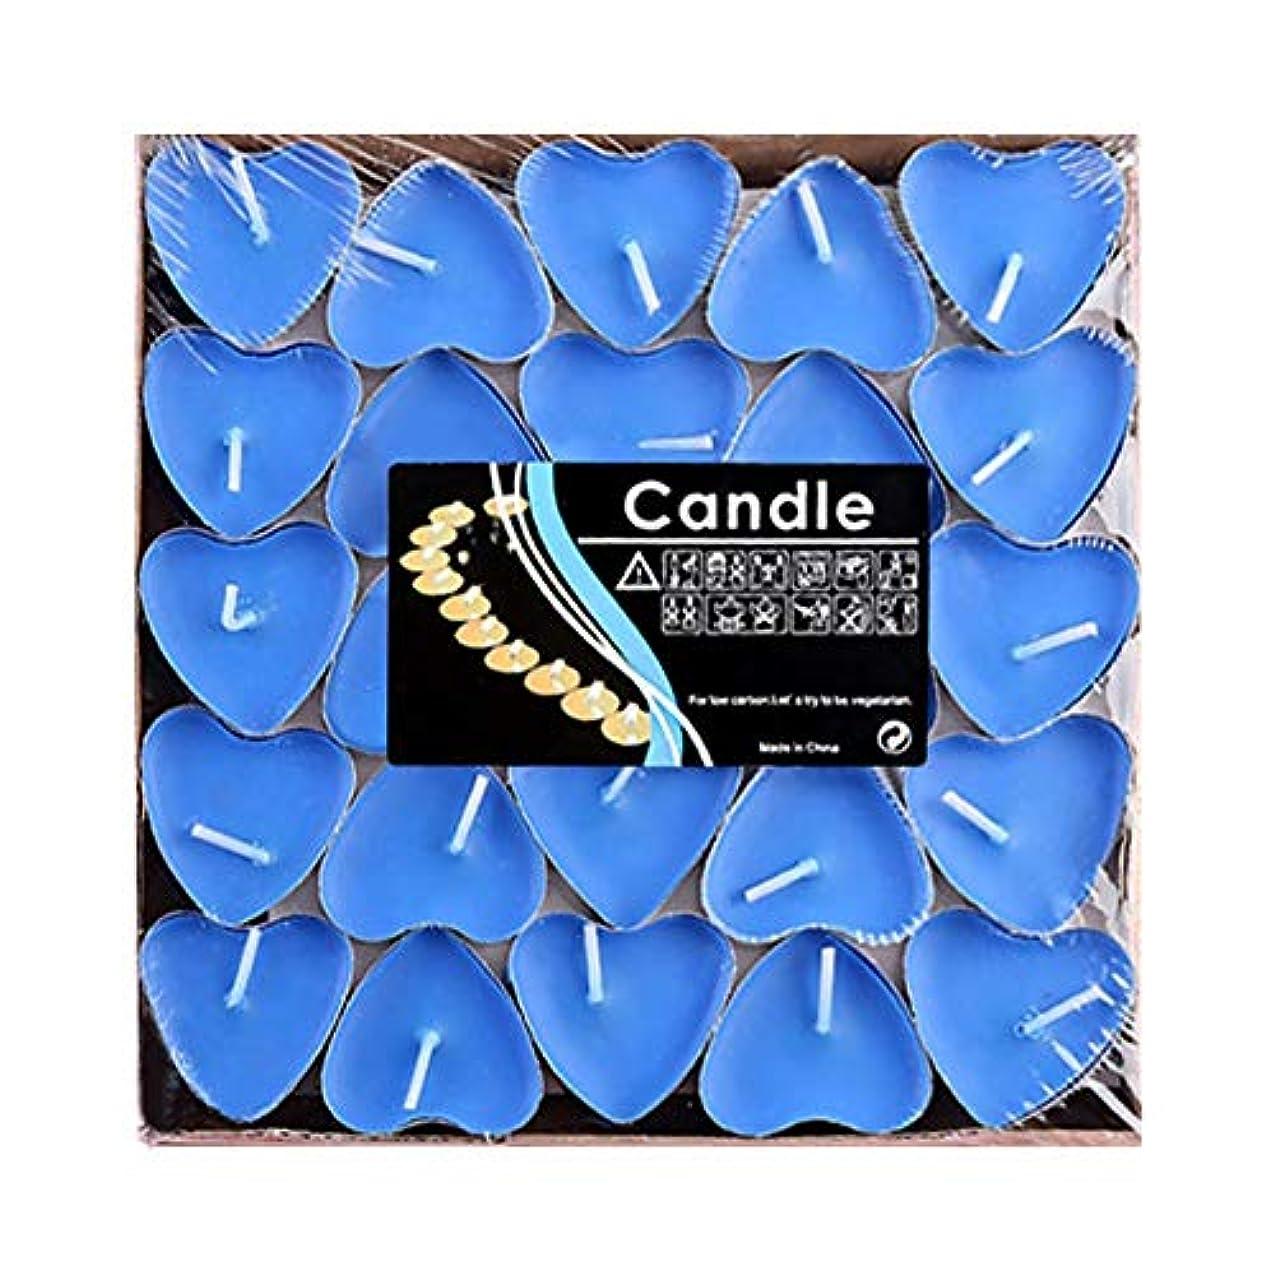 ふくろうスペード全能Hwagui ハート型 キャンドル 人気 アロマキャンドル 芳醇で キャンドル ロマンス、愛の告白、キャンドル 50個 2時間 ZH009